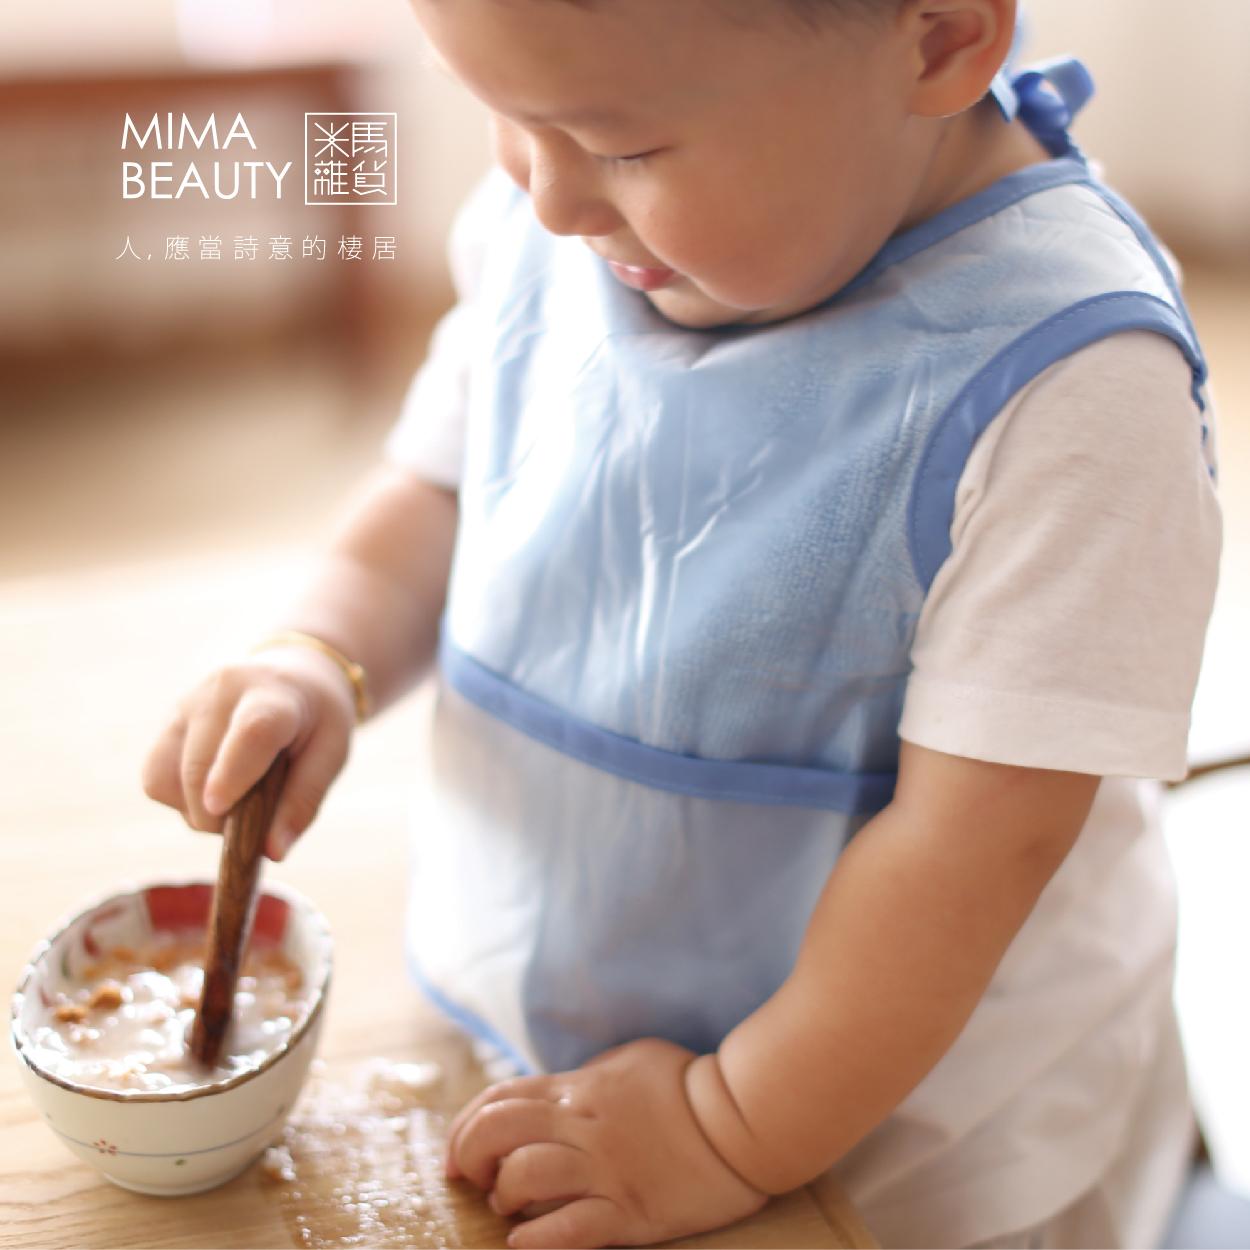 【 разрешение цена 3 ¥】 метр лошадь разное товары ребенок водонепроницаемый прочный одежда школа есть рис из ребенок ребенок